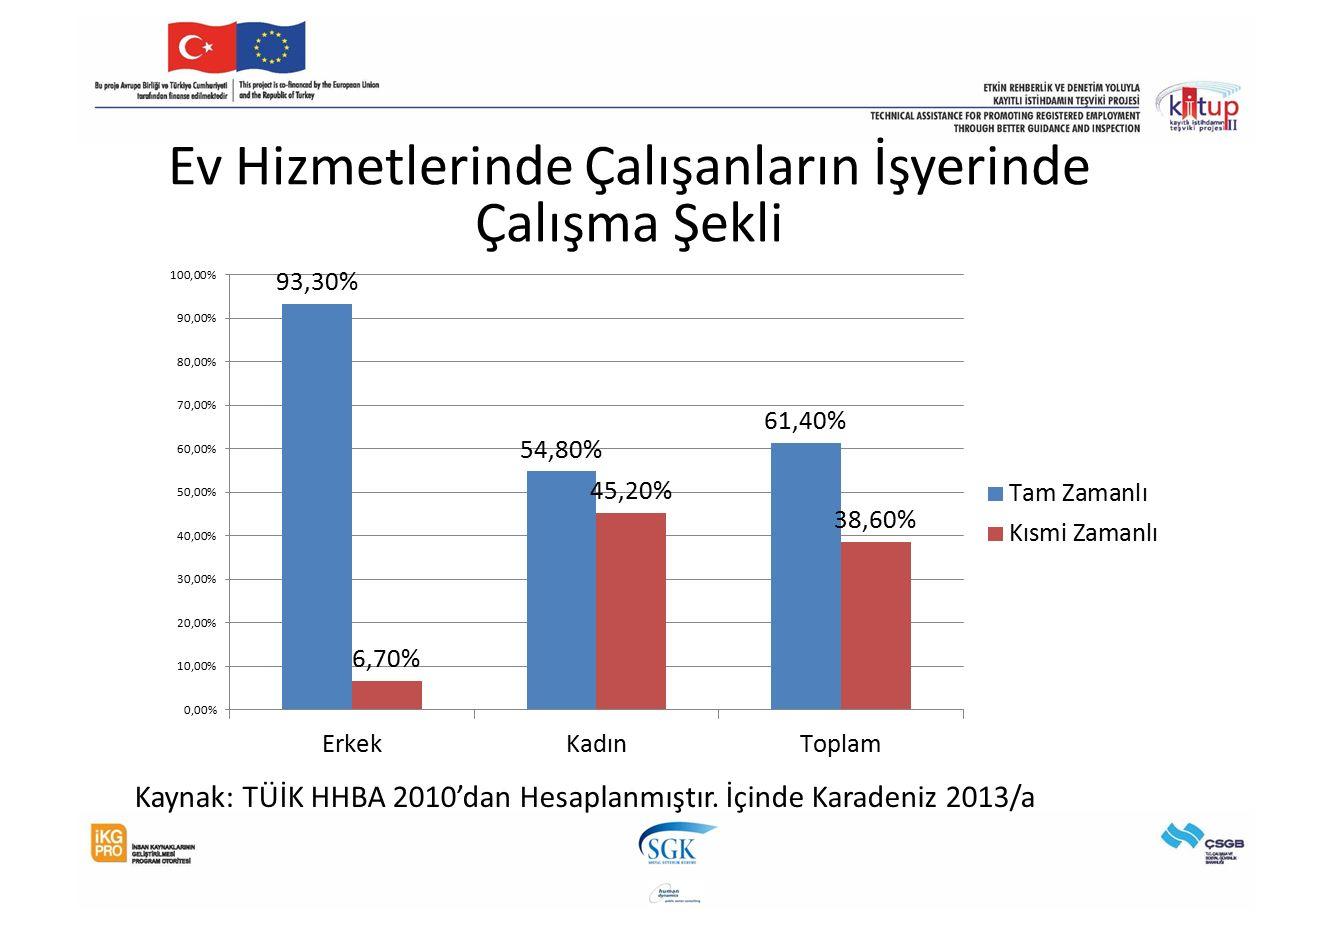 Ev Hizmetlerinde Çalışanların İşyerinde Çalışma Şekli Kaynak: TÜİK HHBA 2010'dan Hesaplanmıştır. İçinde Karadeniz 2013/a